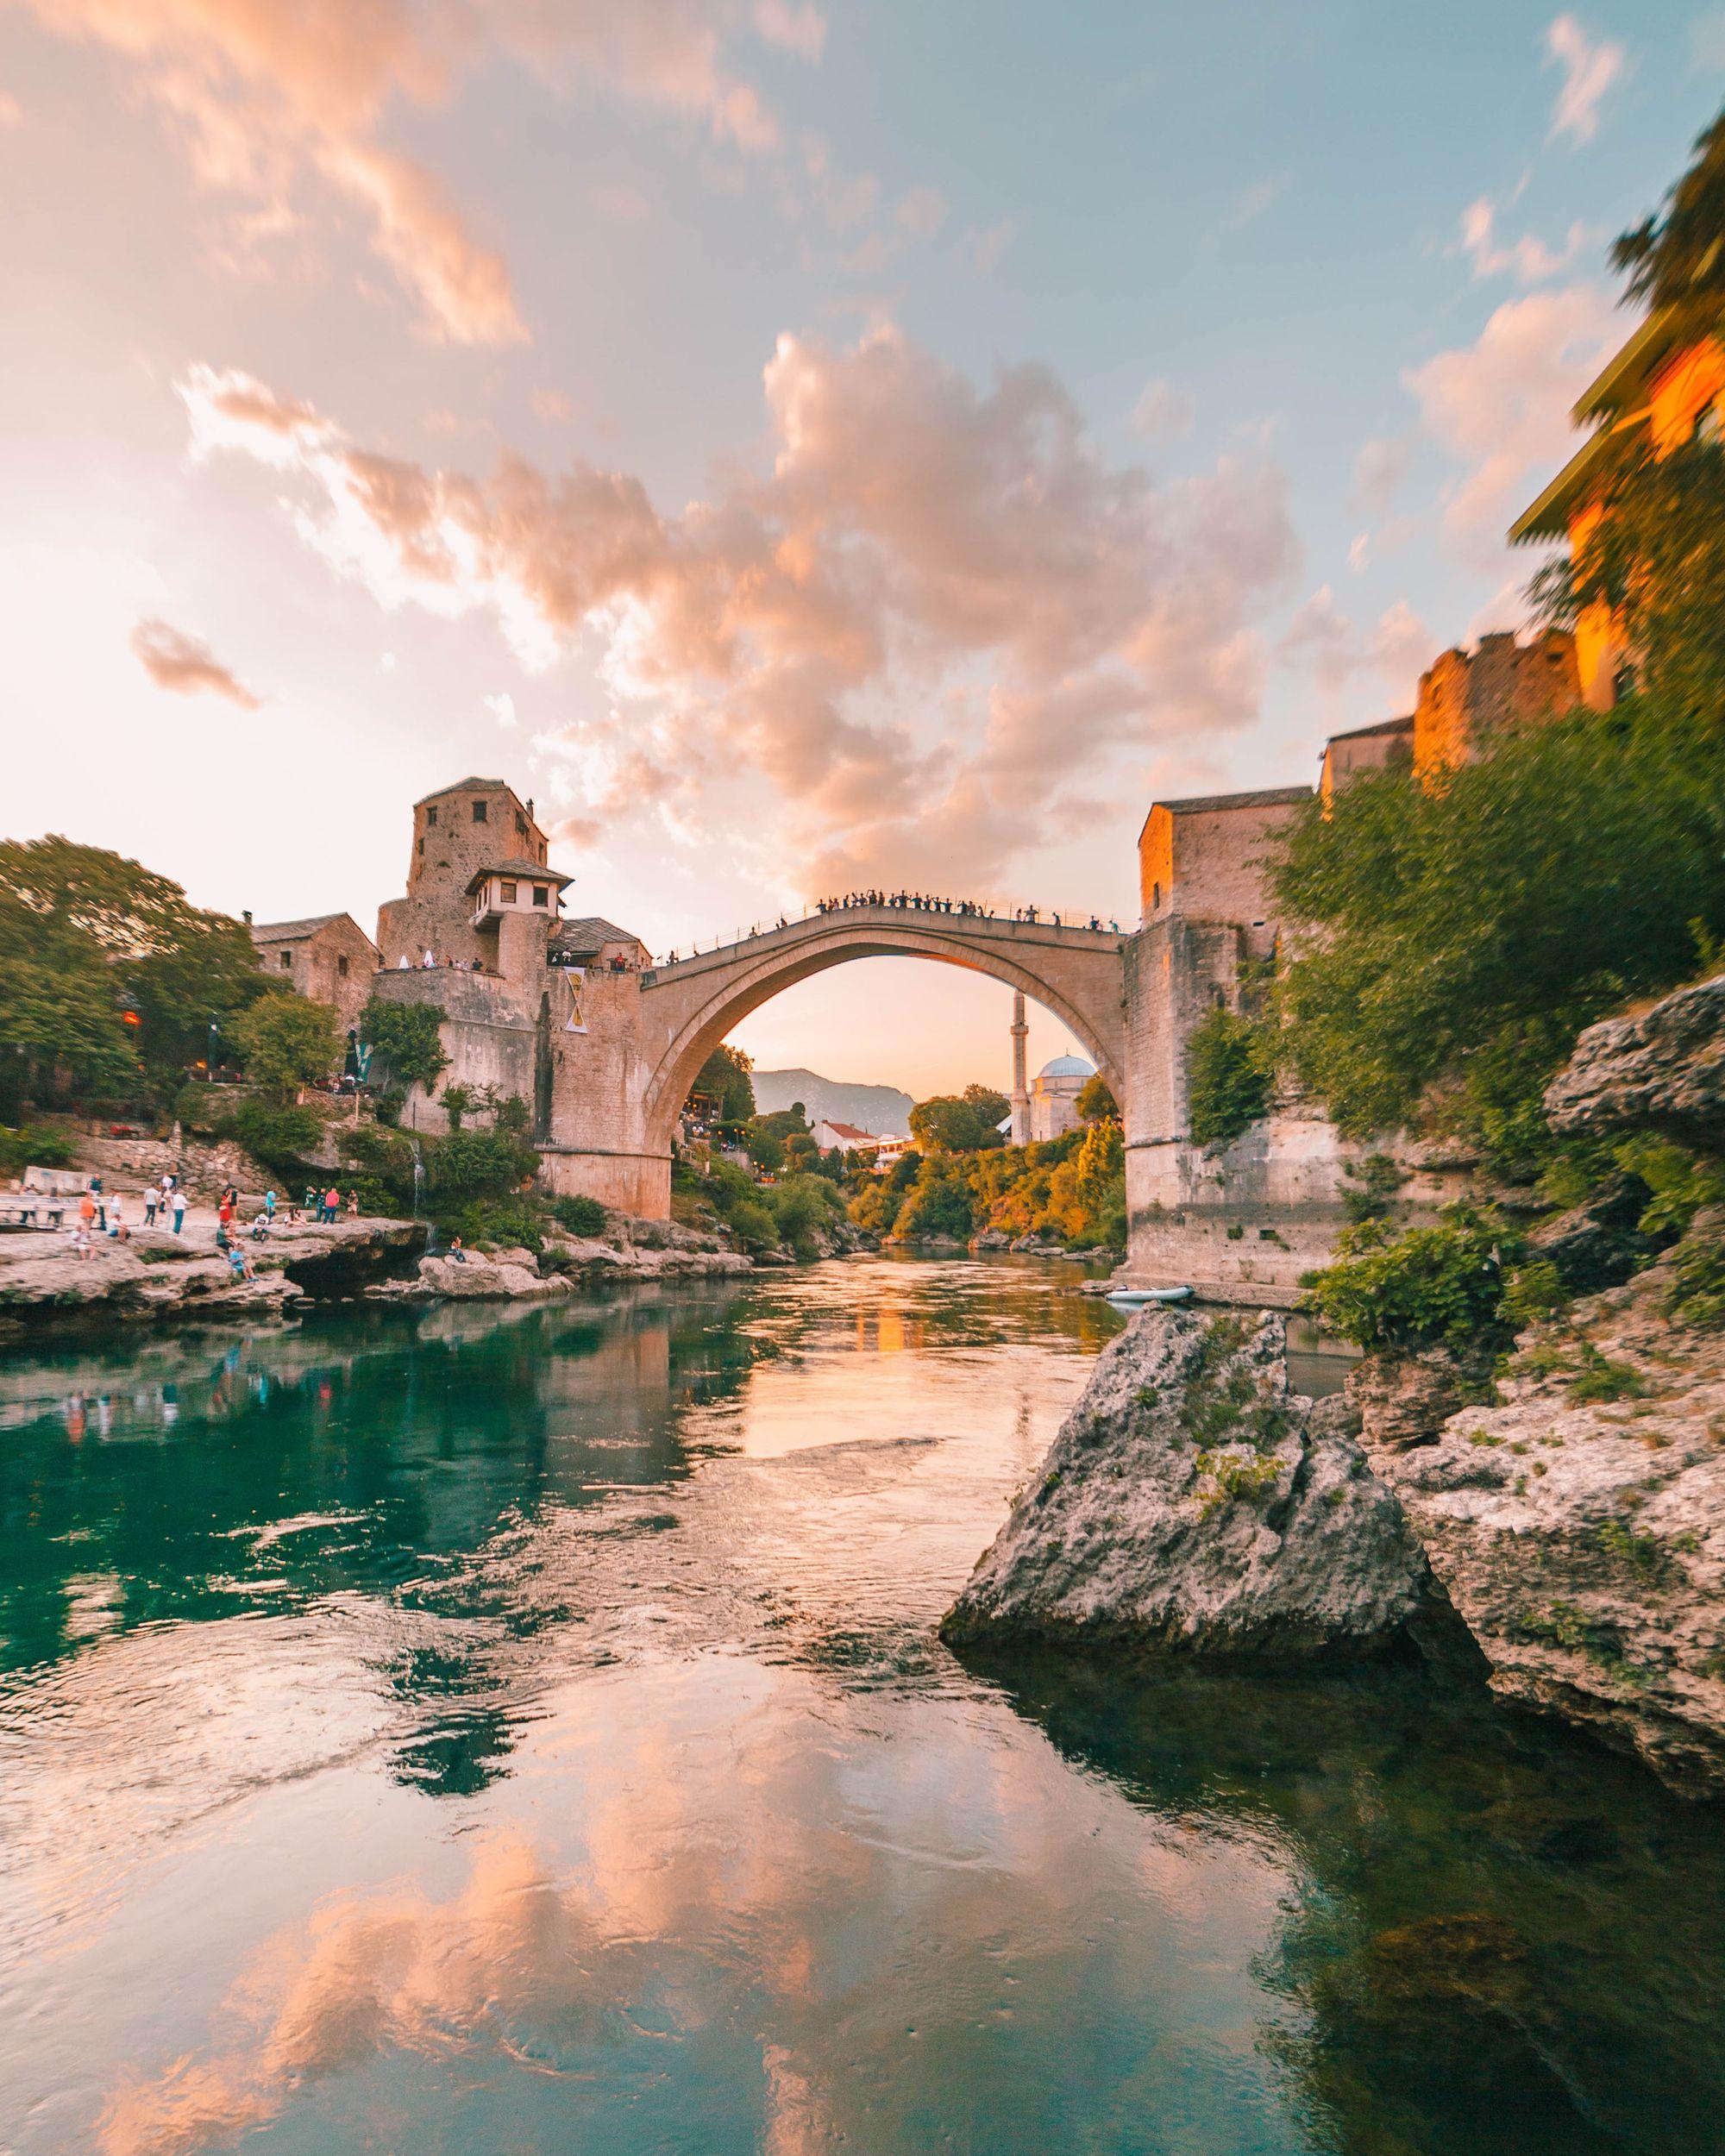 Mostar's famous bridge